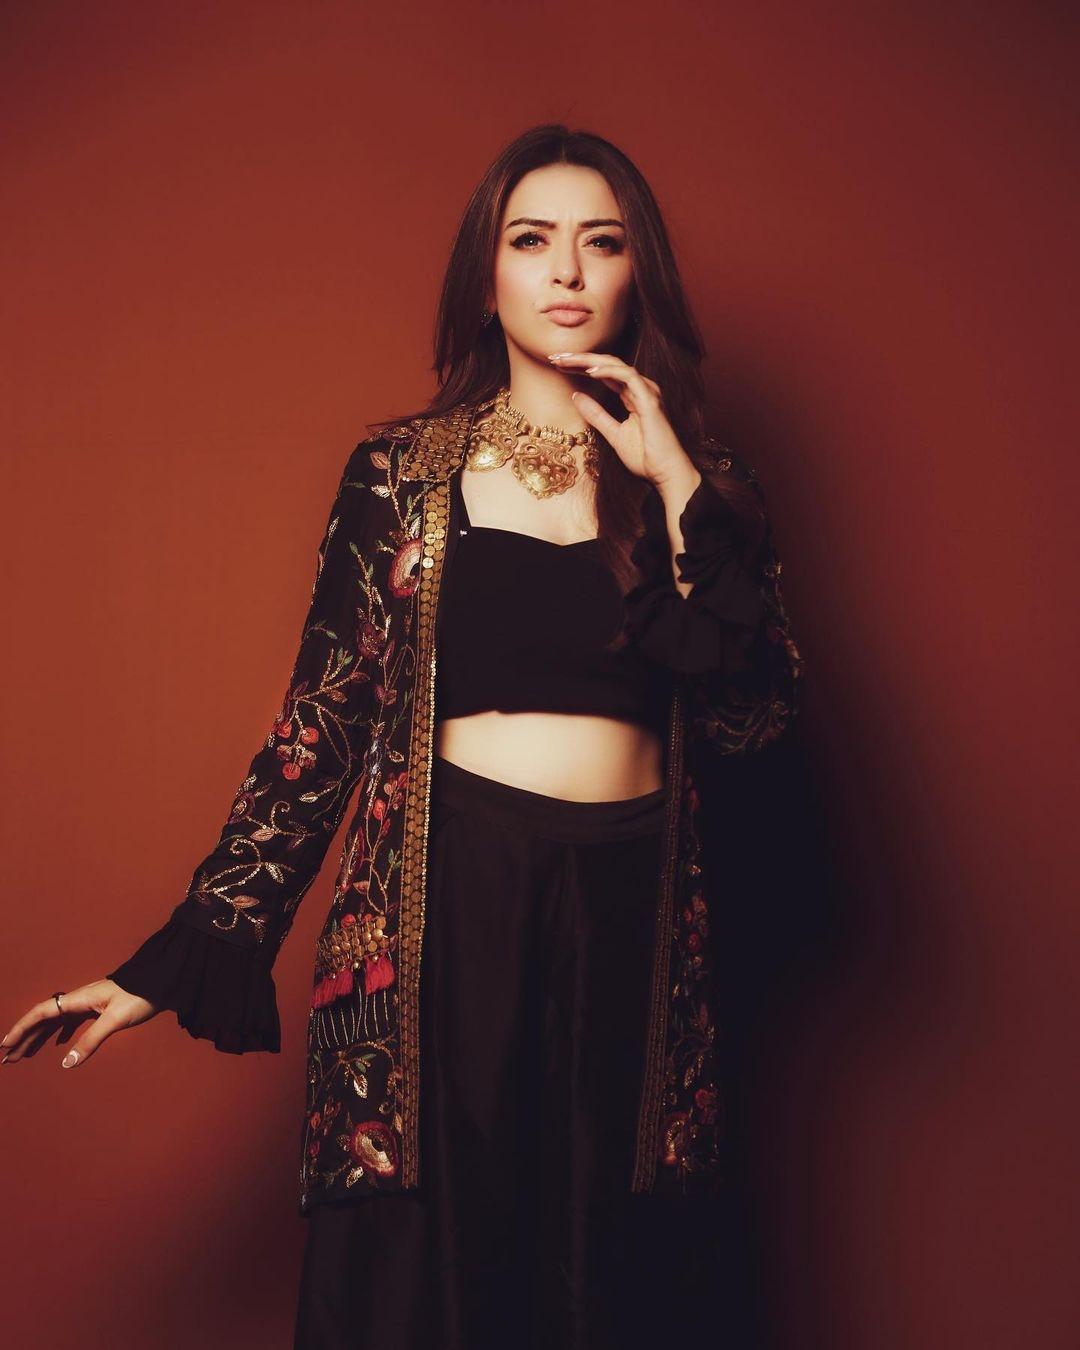 Hansika Motwani in black outfit from Samatvam by Anjali Bhaskar-2